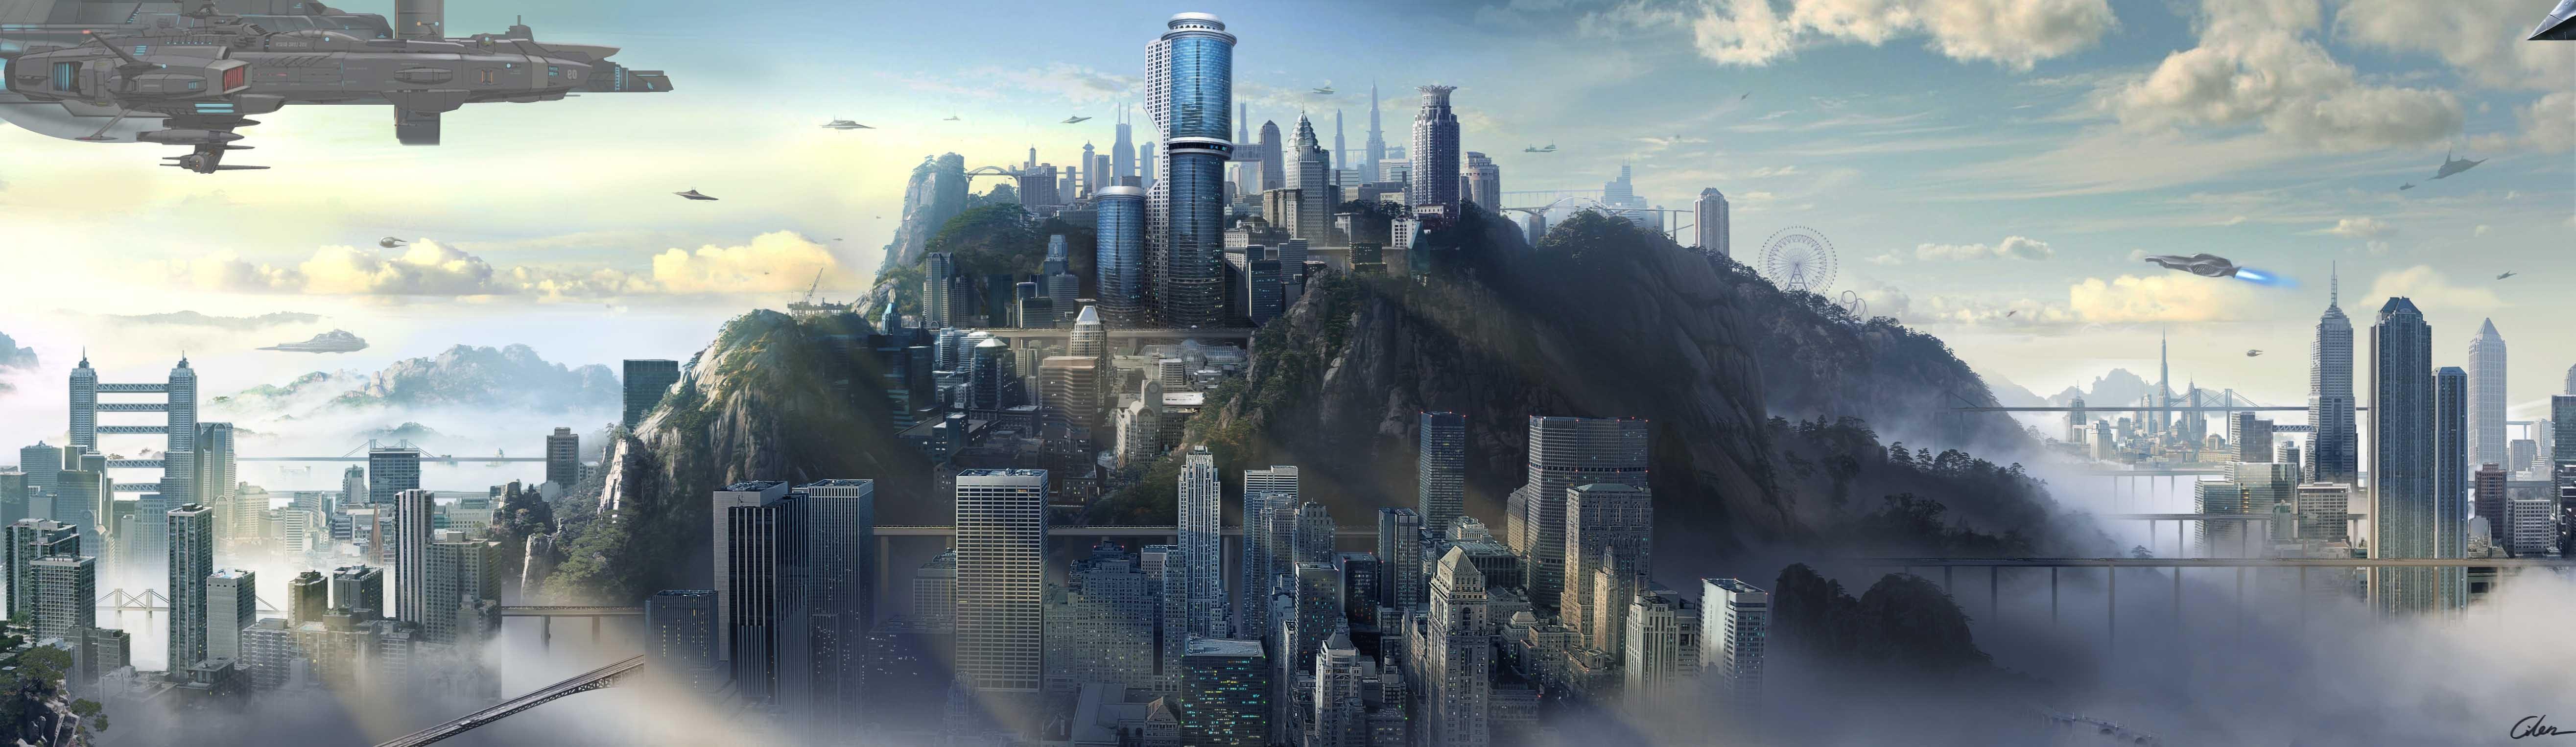 未来的建筑怎么画手绘